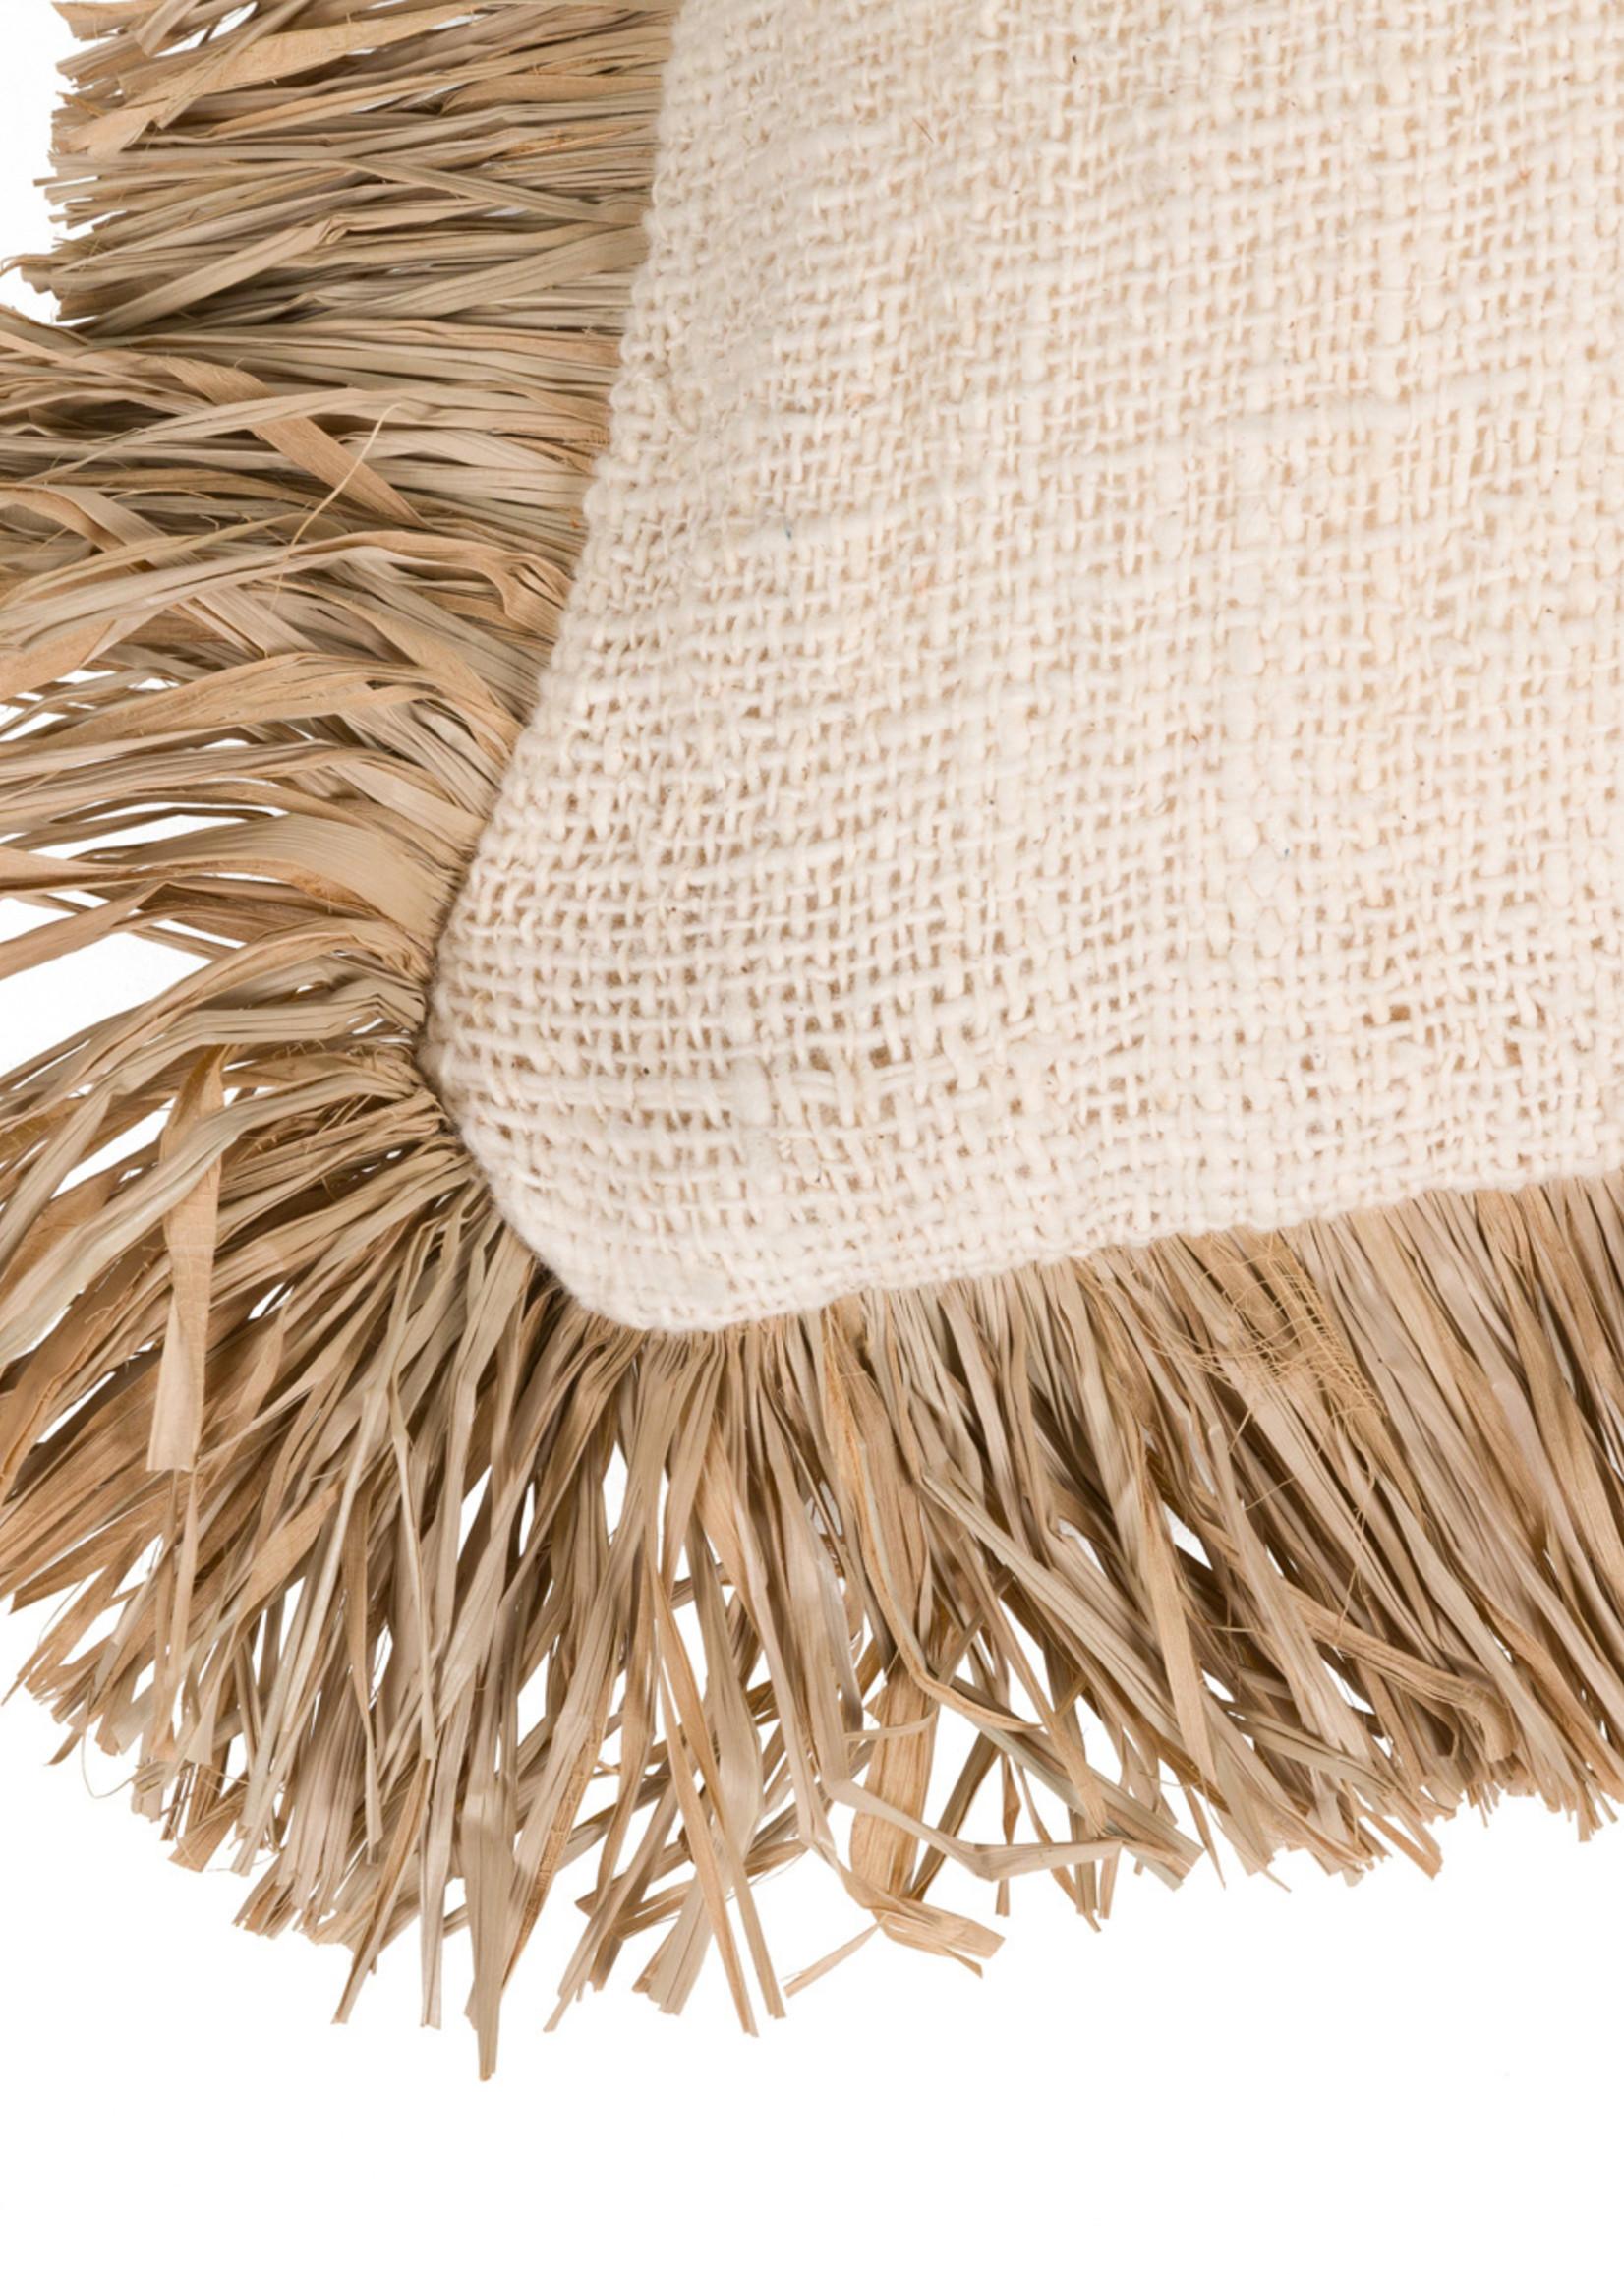 The Saint Tropez Cushion - Natural - L